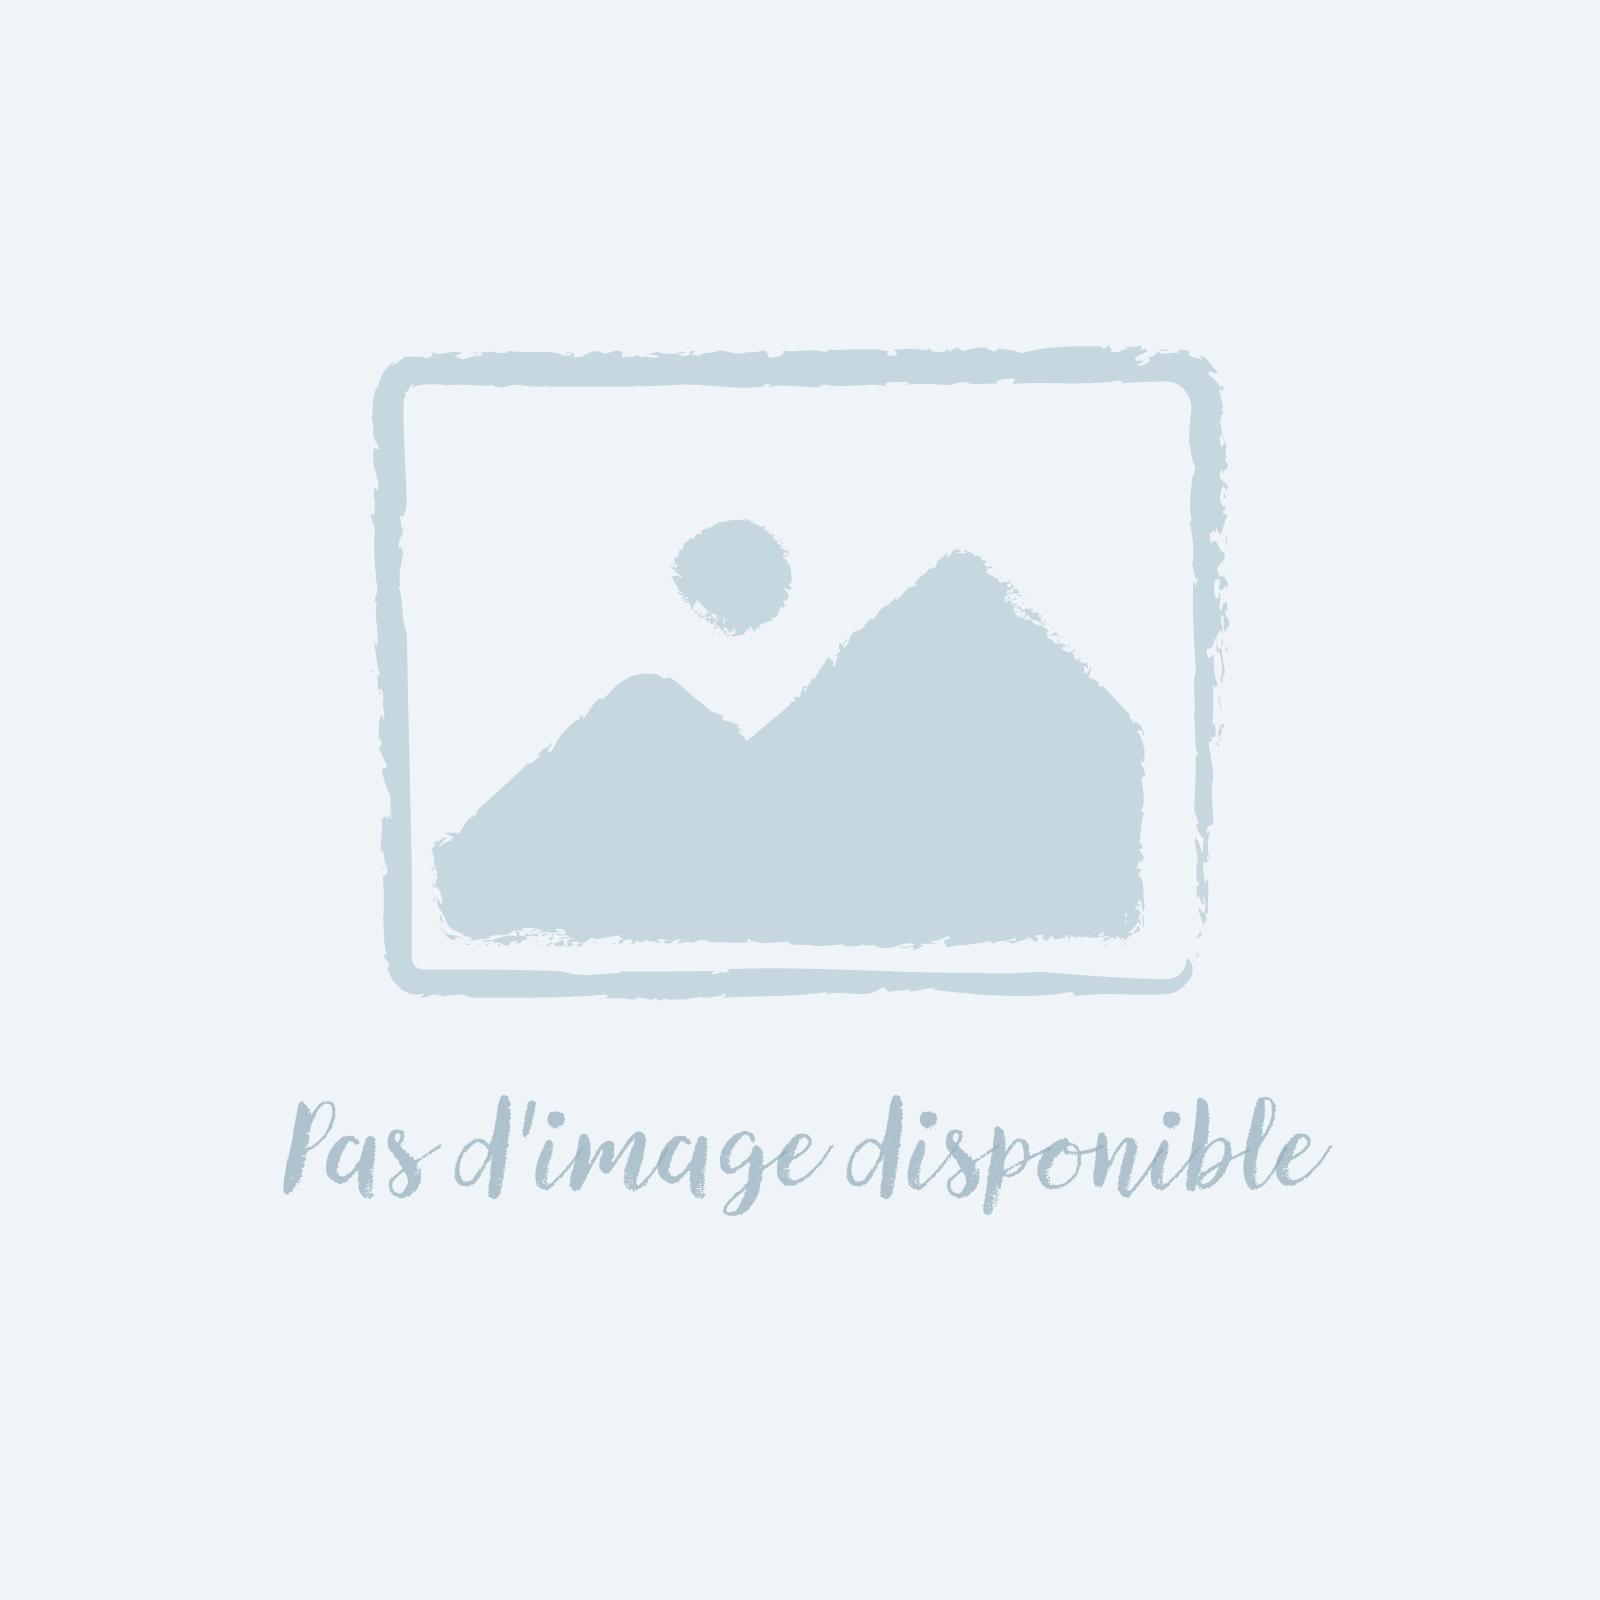 """Gerflor Creation 55 Clic """"0445 Rustic oak"""" - Lame PVC clipsable"""